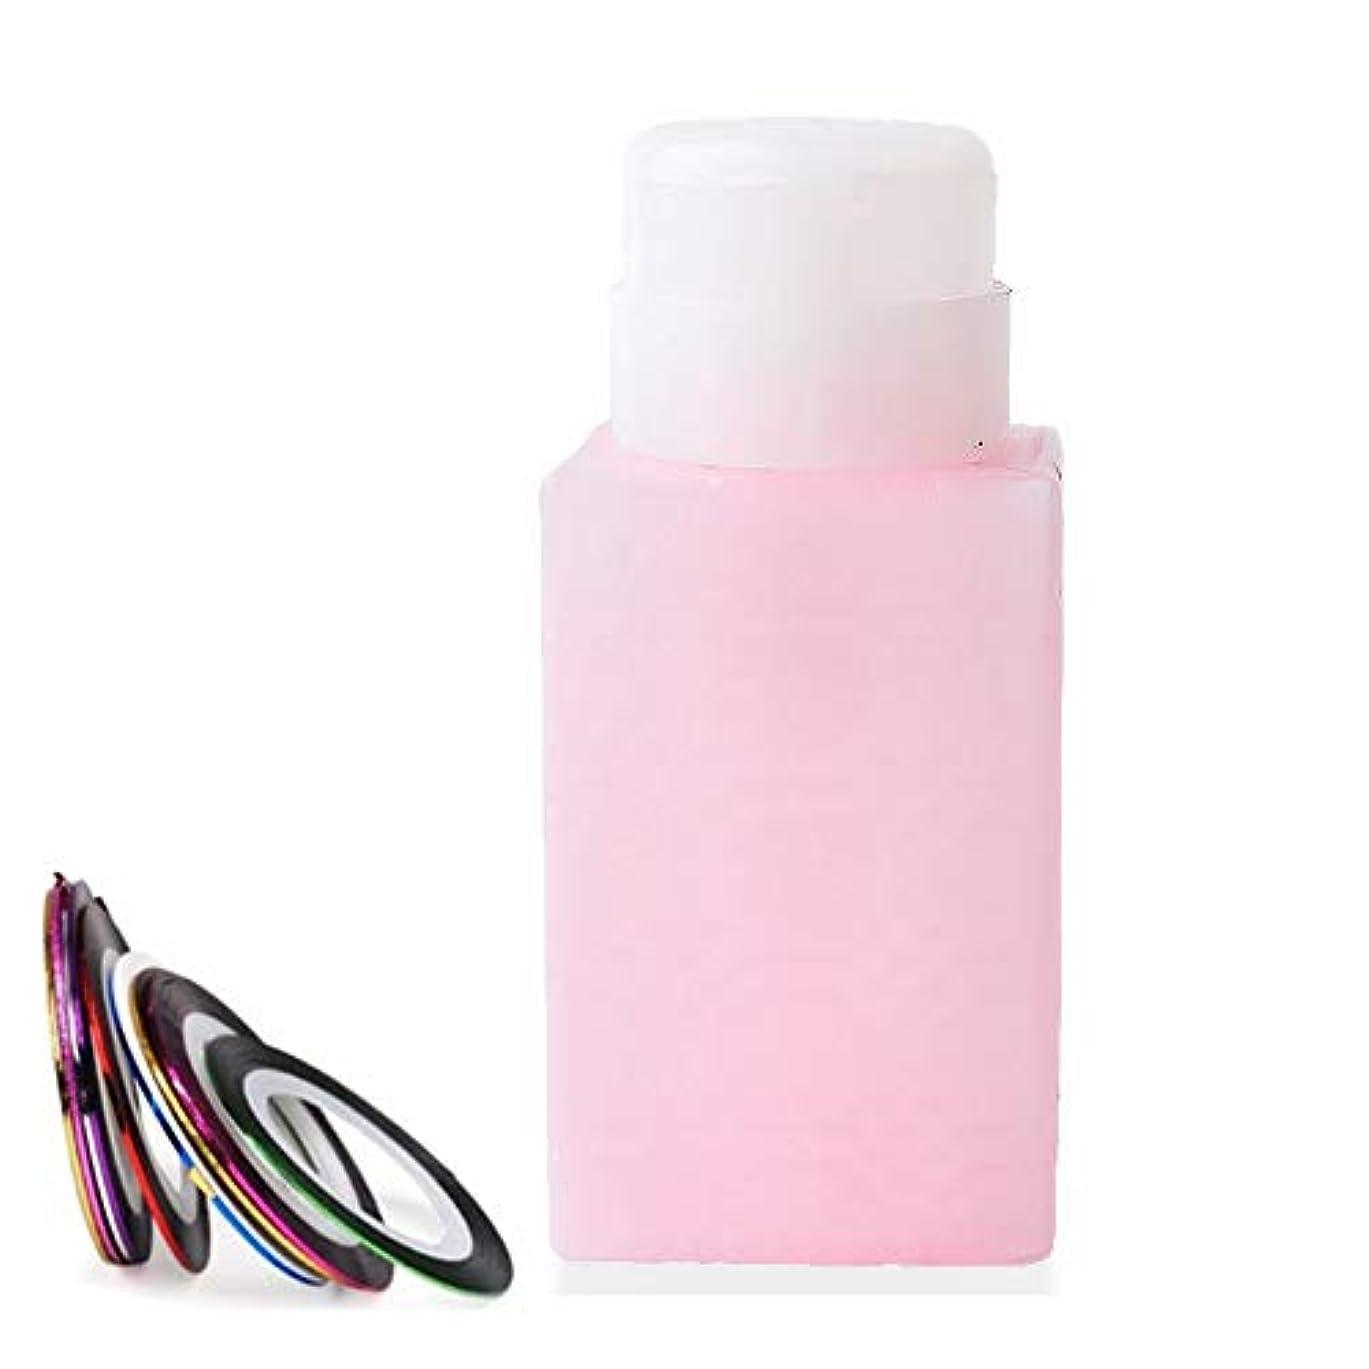 算術動く悲惨な空ポンプボトル ポンプディスペンサー ネイルワイプ瓶 ジュルクリーナー ジュルリムーバー 可愛い (ピンク)